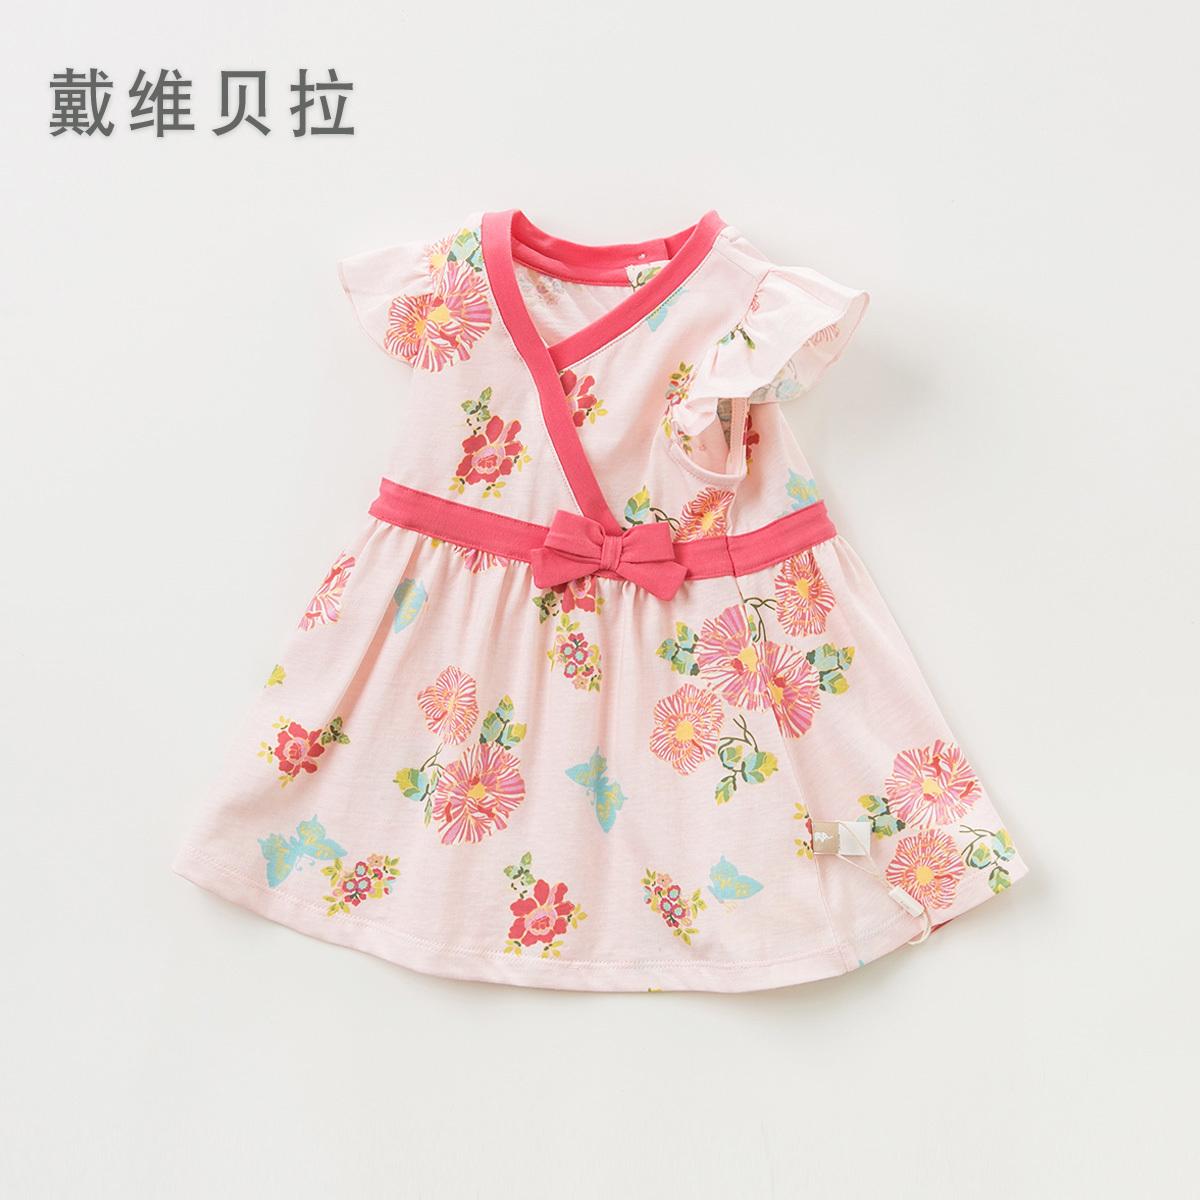 戴维贝拉davebella女童连衣裙 夏装2019新款粉色花朵甜美公主裙包邮